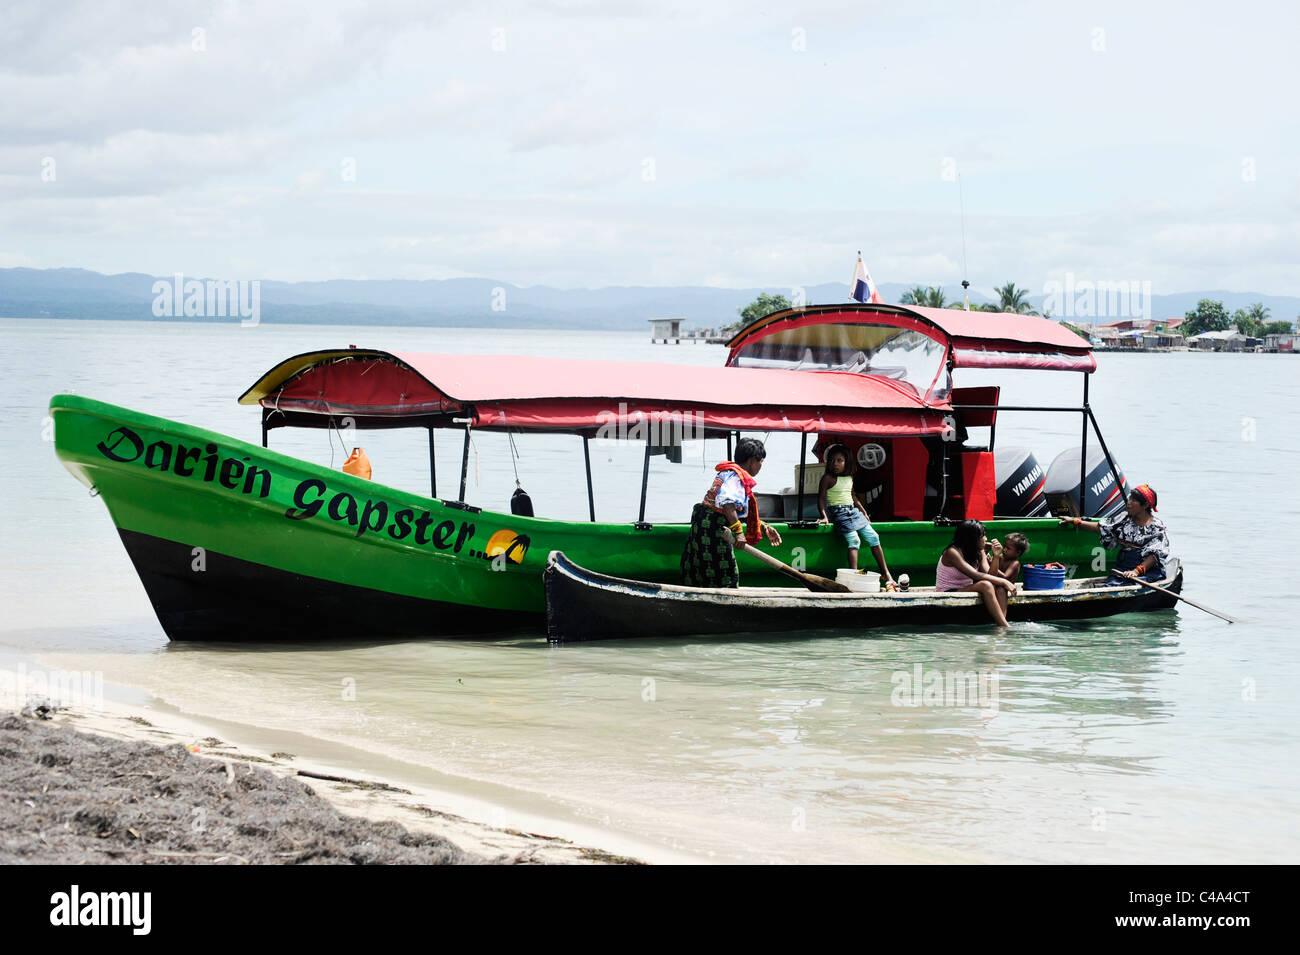 La Kuna famiglia al fianco di Darien Gapster motoscafo che offre viaggi unici per le isole San Blas, Panama Immagini Stock